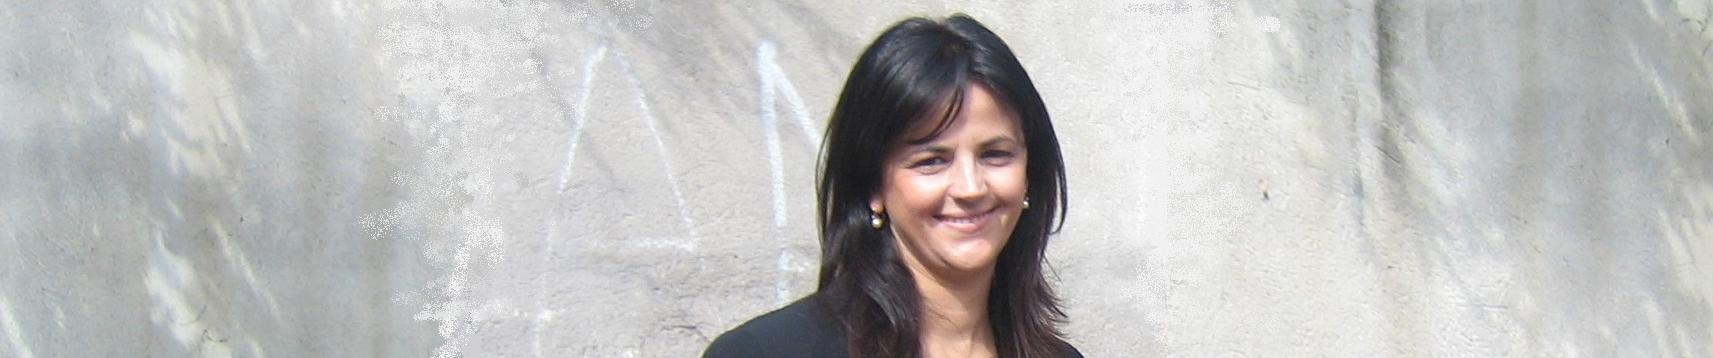 Provincia in lutto – La scomparsa di Noemi Minelli, il dolore degli amministratori